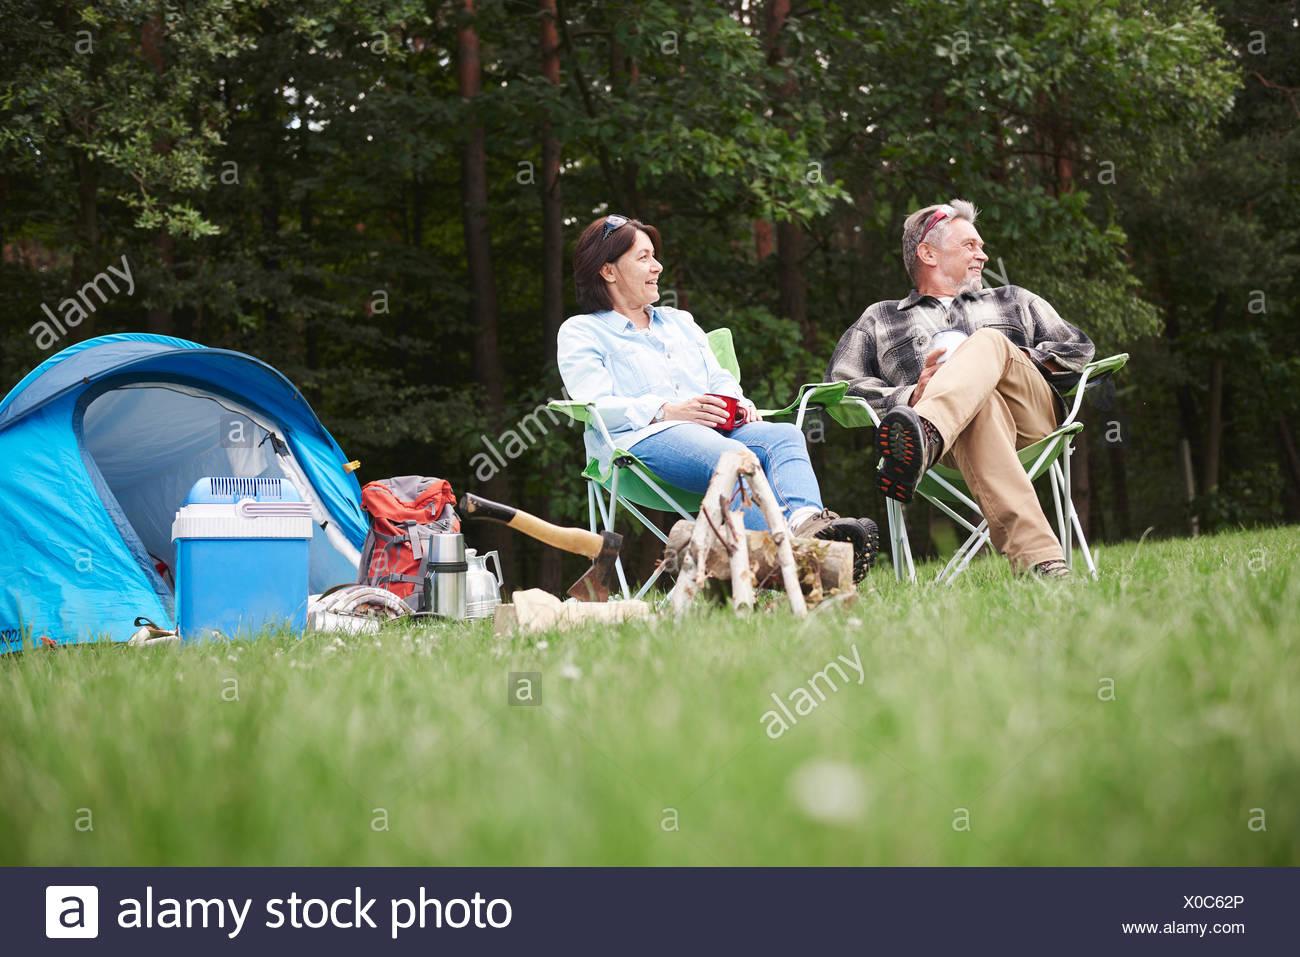 Coppia matura in seduta camping sedie accanto alla tenda a basso angolo di visione Immagini Stock